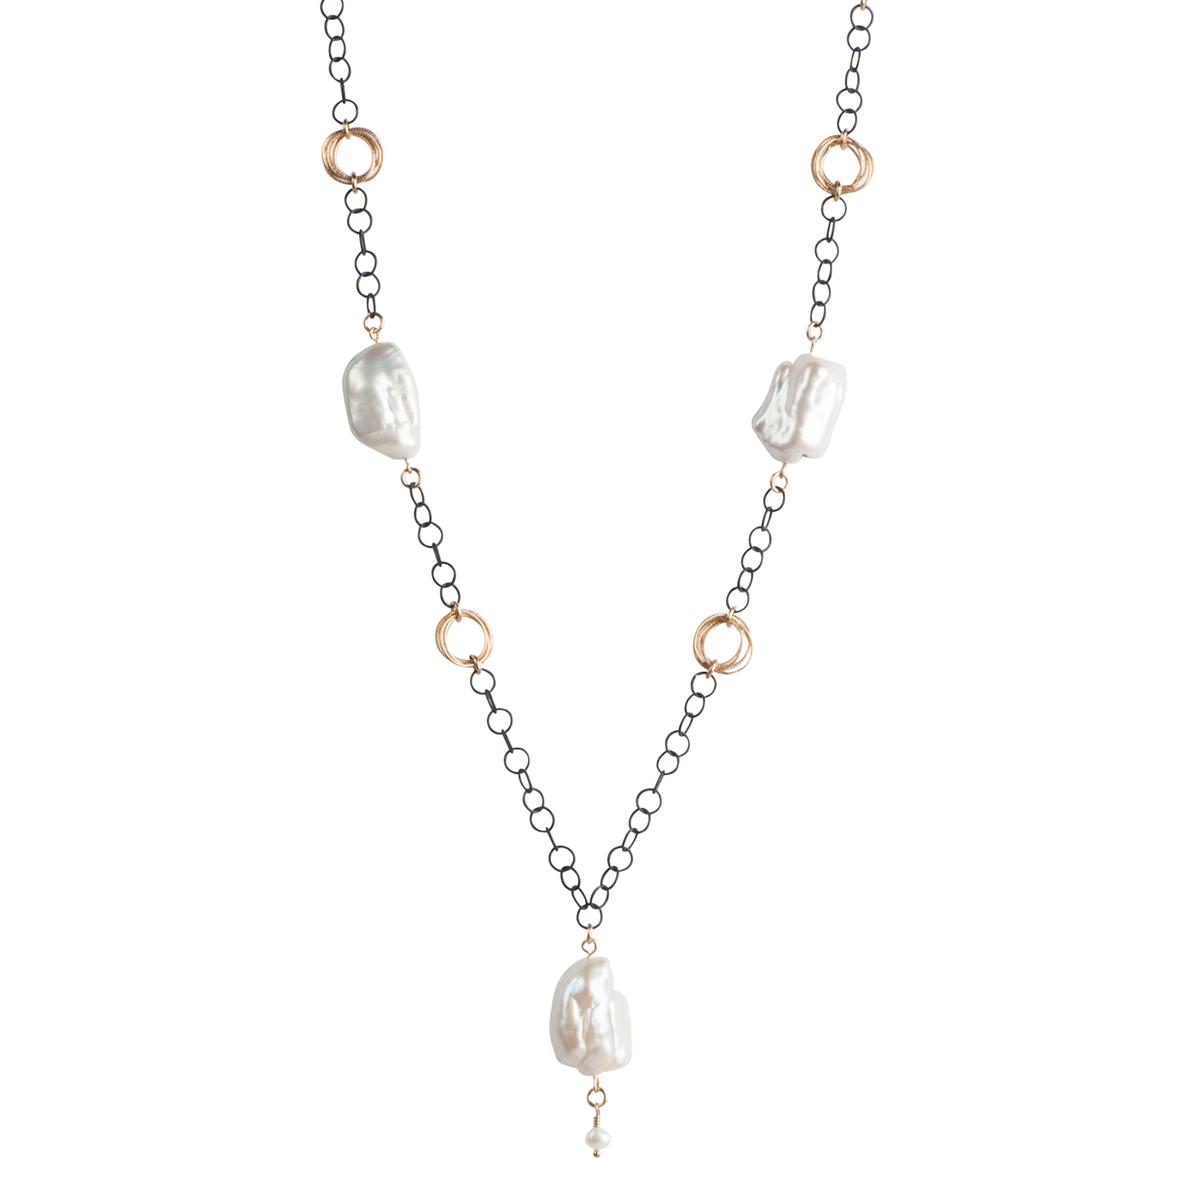 1200x1200 Baroque Pearl Necklace